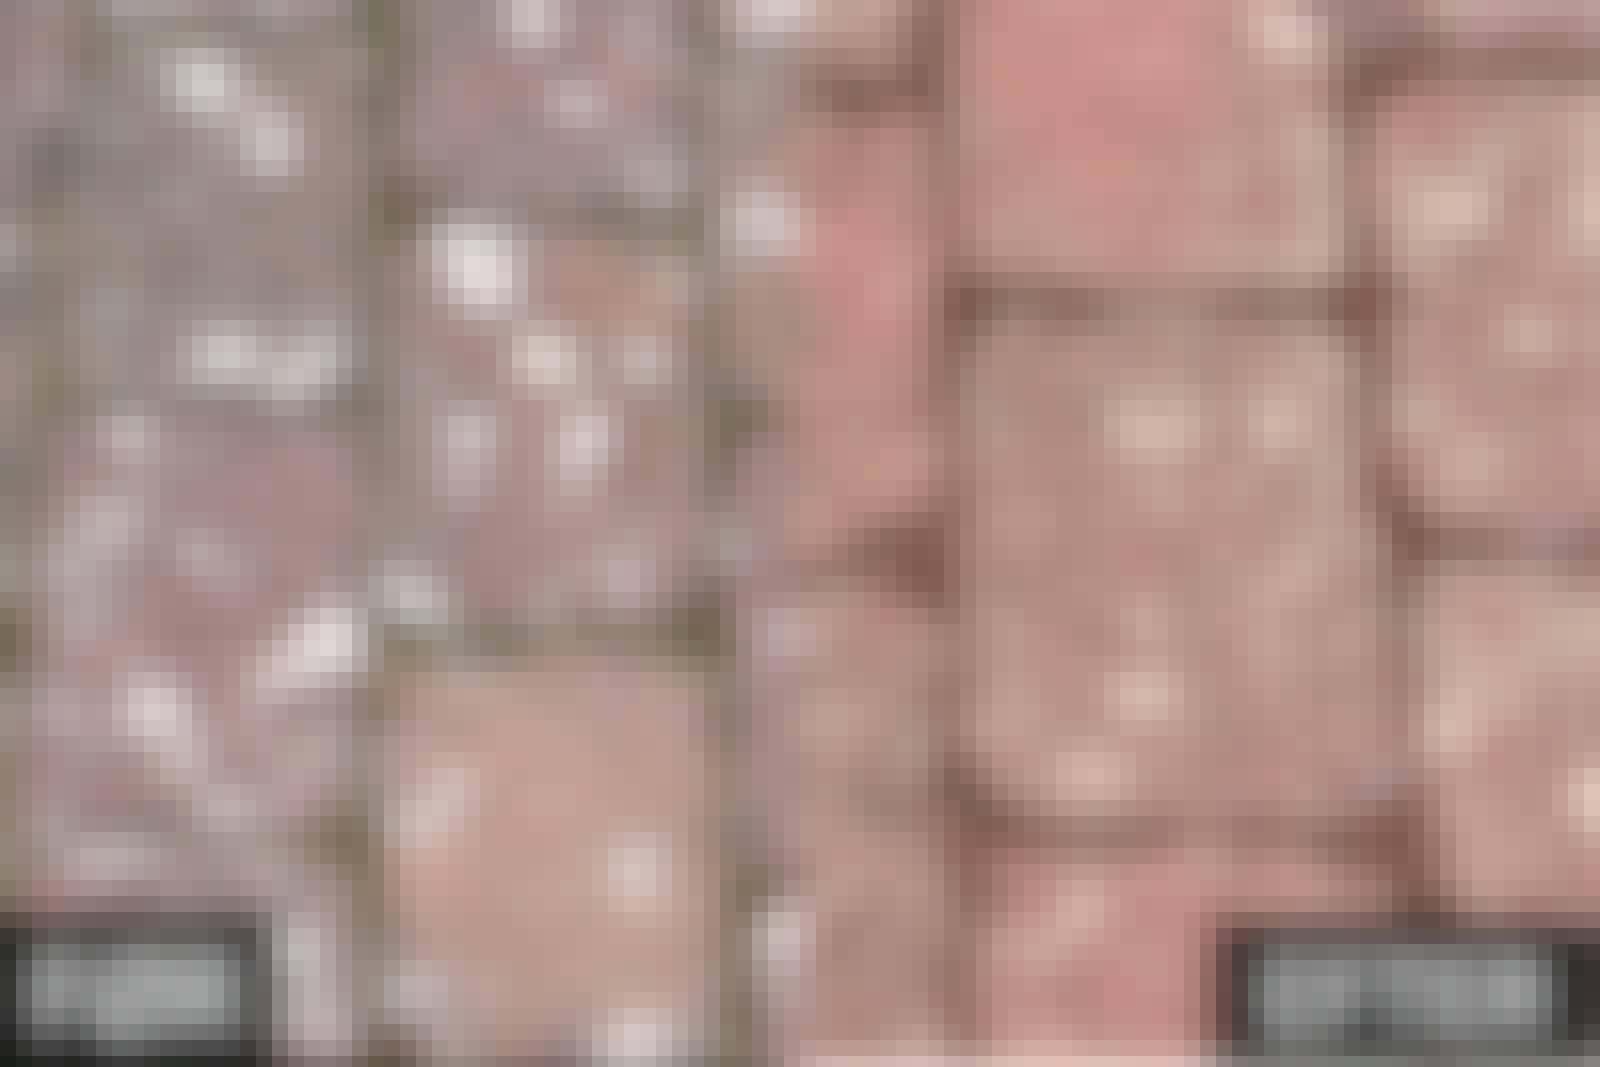 Flisepest: Brun sæbe er ikke effektivt mod flisepest